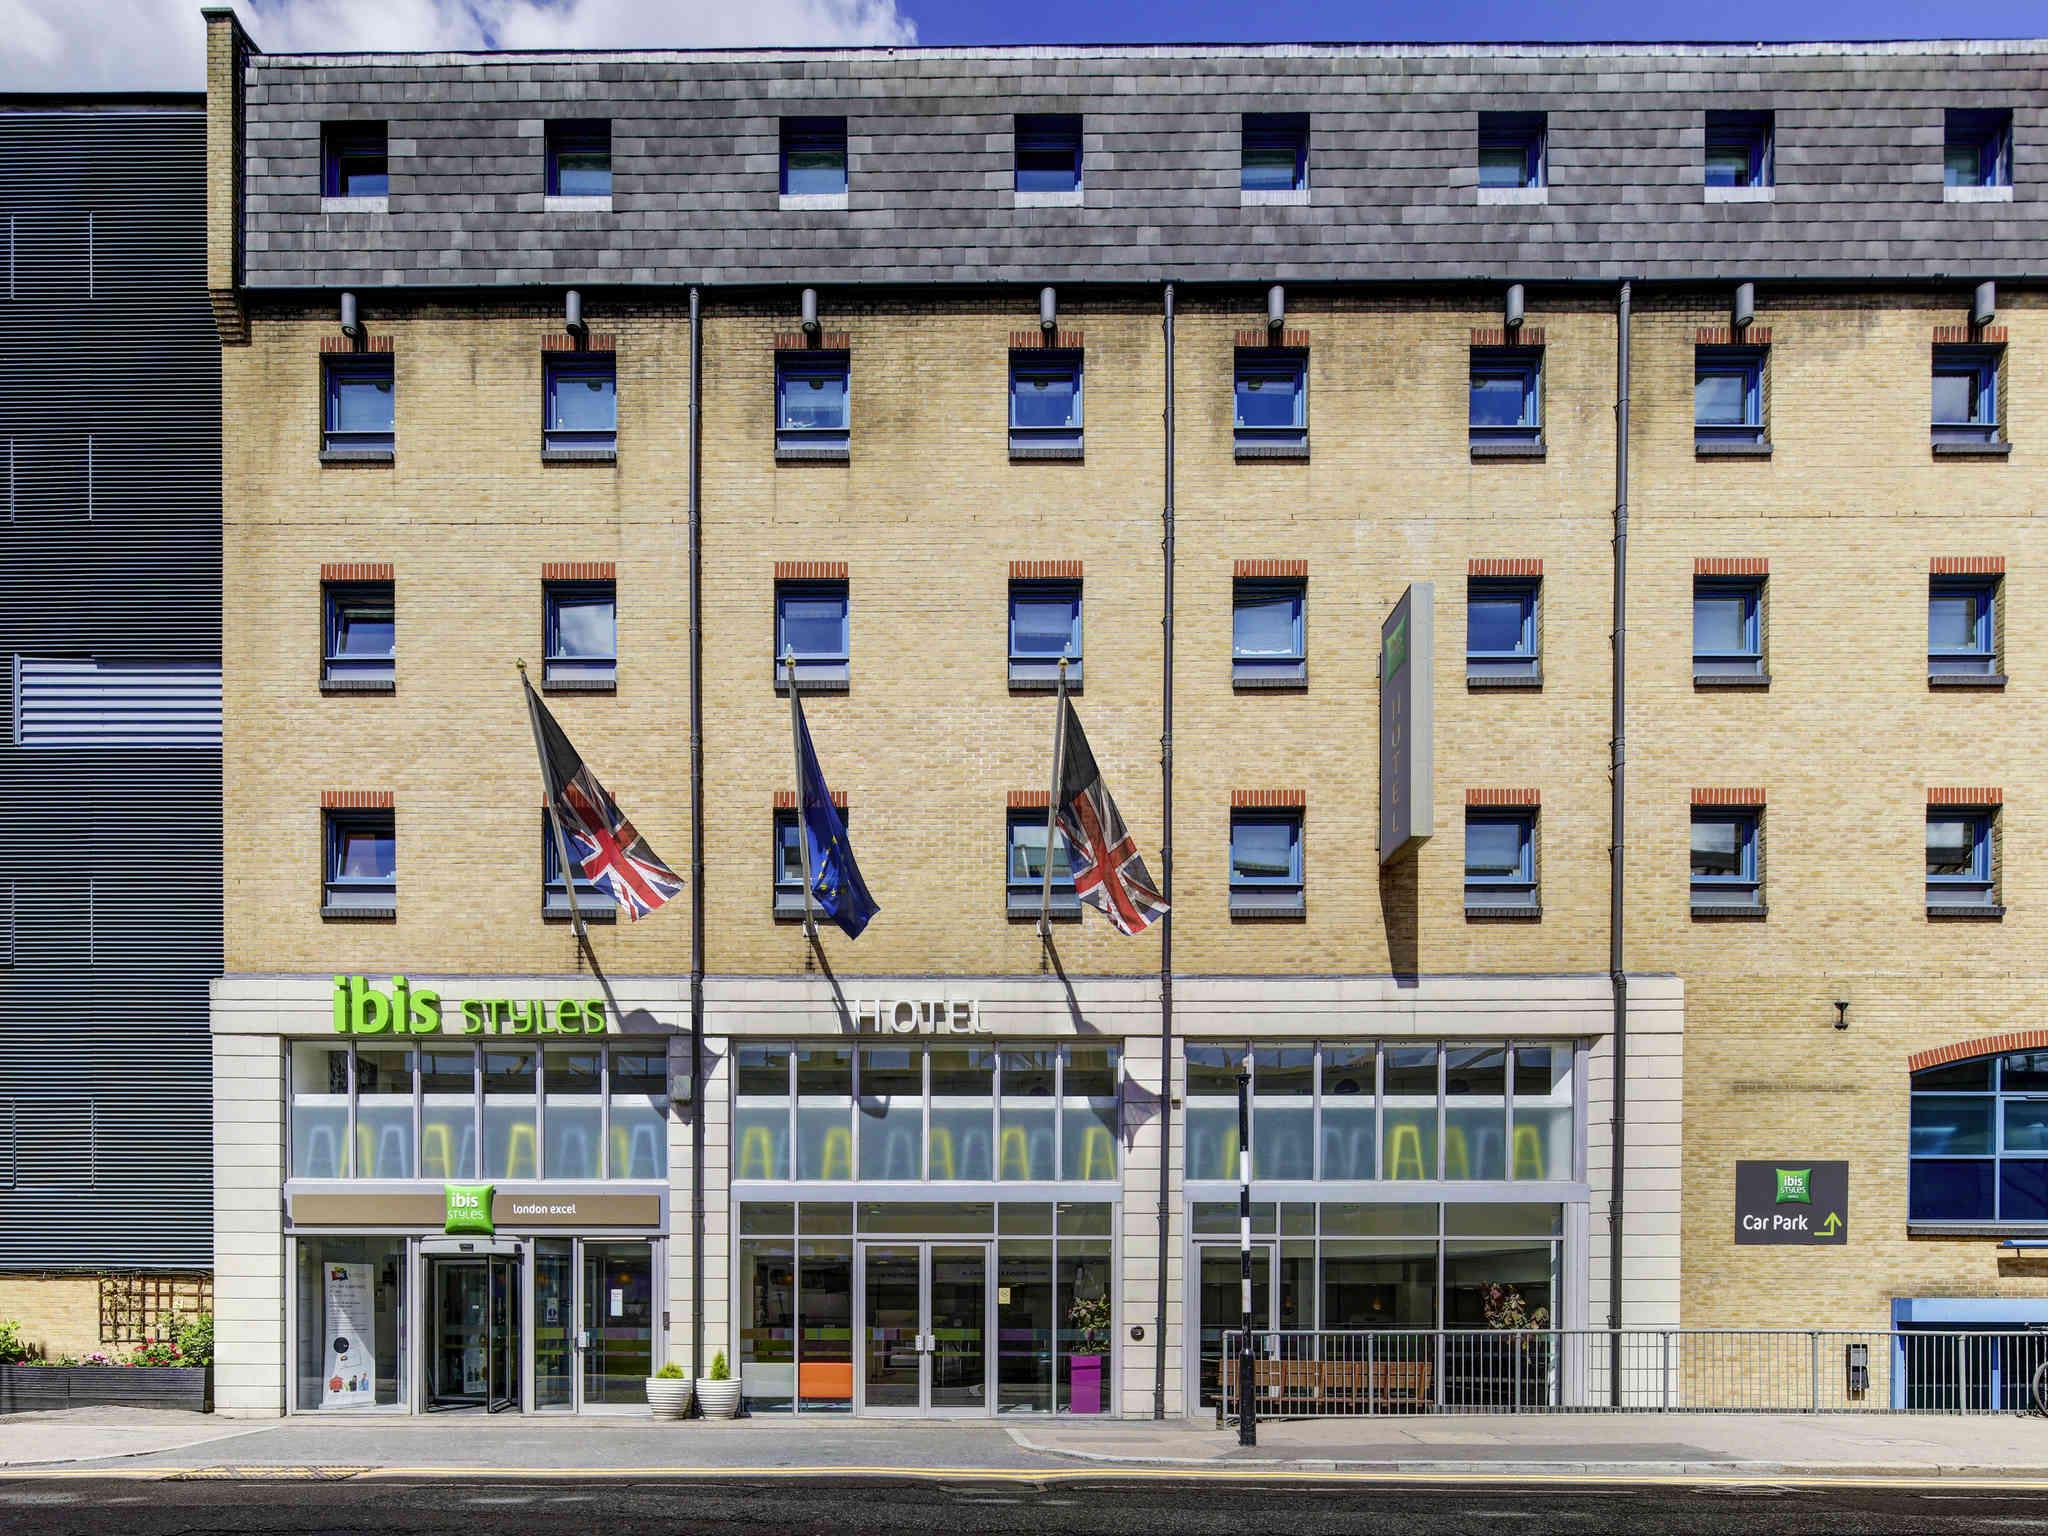 فندق - إيبيس ستايلز ibis Styles لندن إكسل